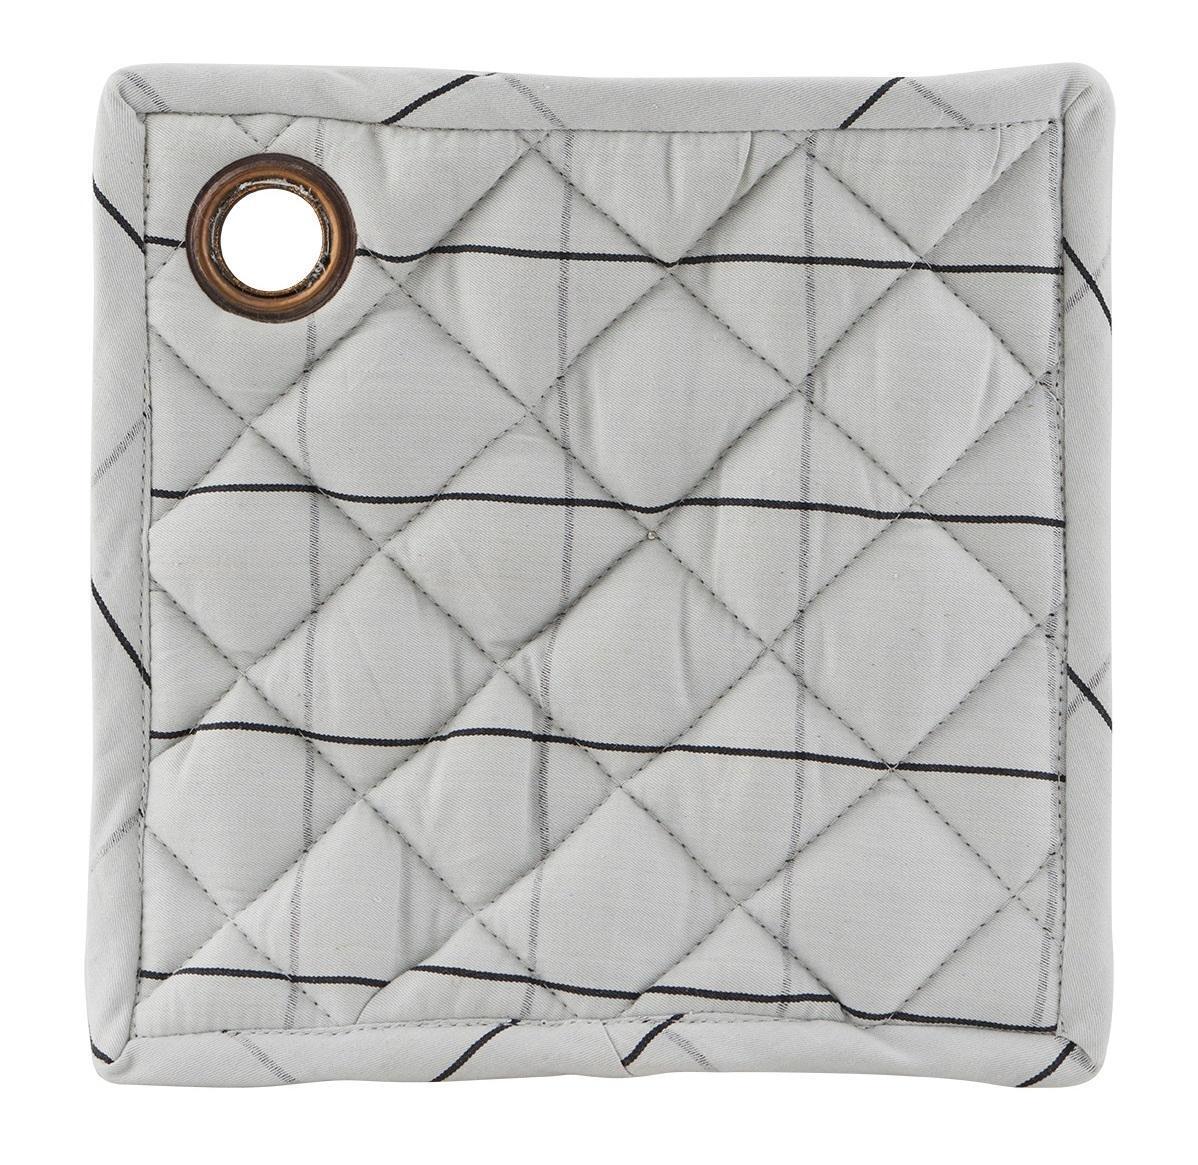 House Doctor Podložky pod hrnec Check Grey - set 2 ks, šedá barva, textil